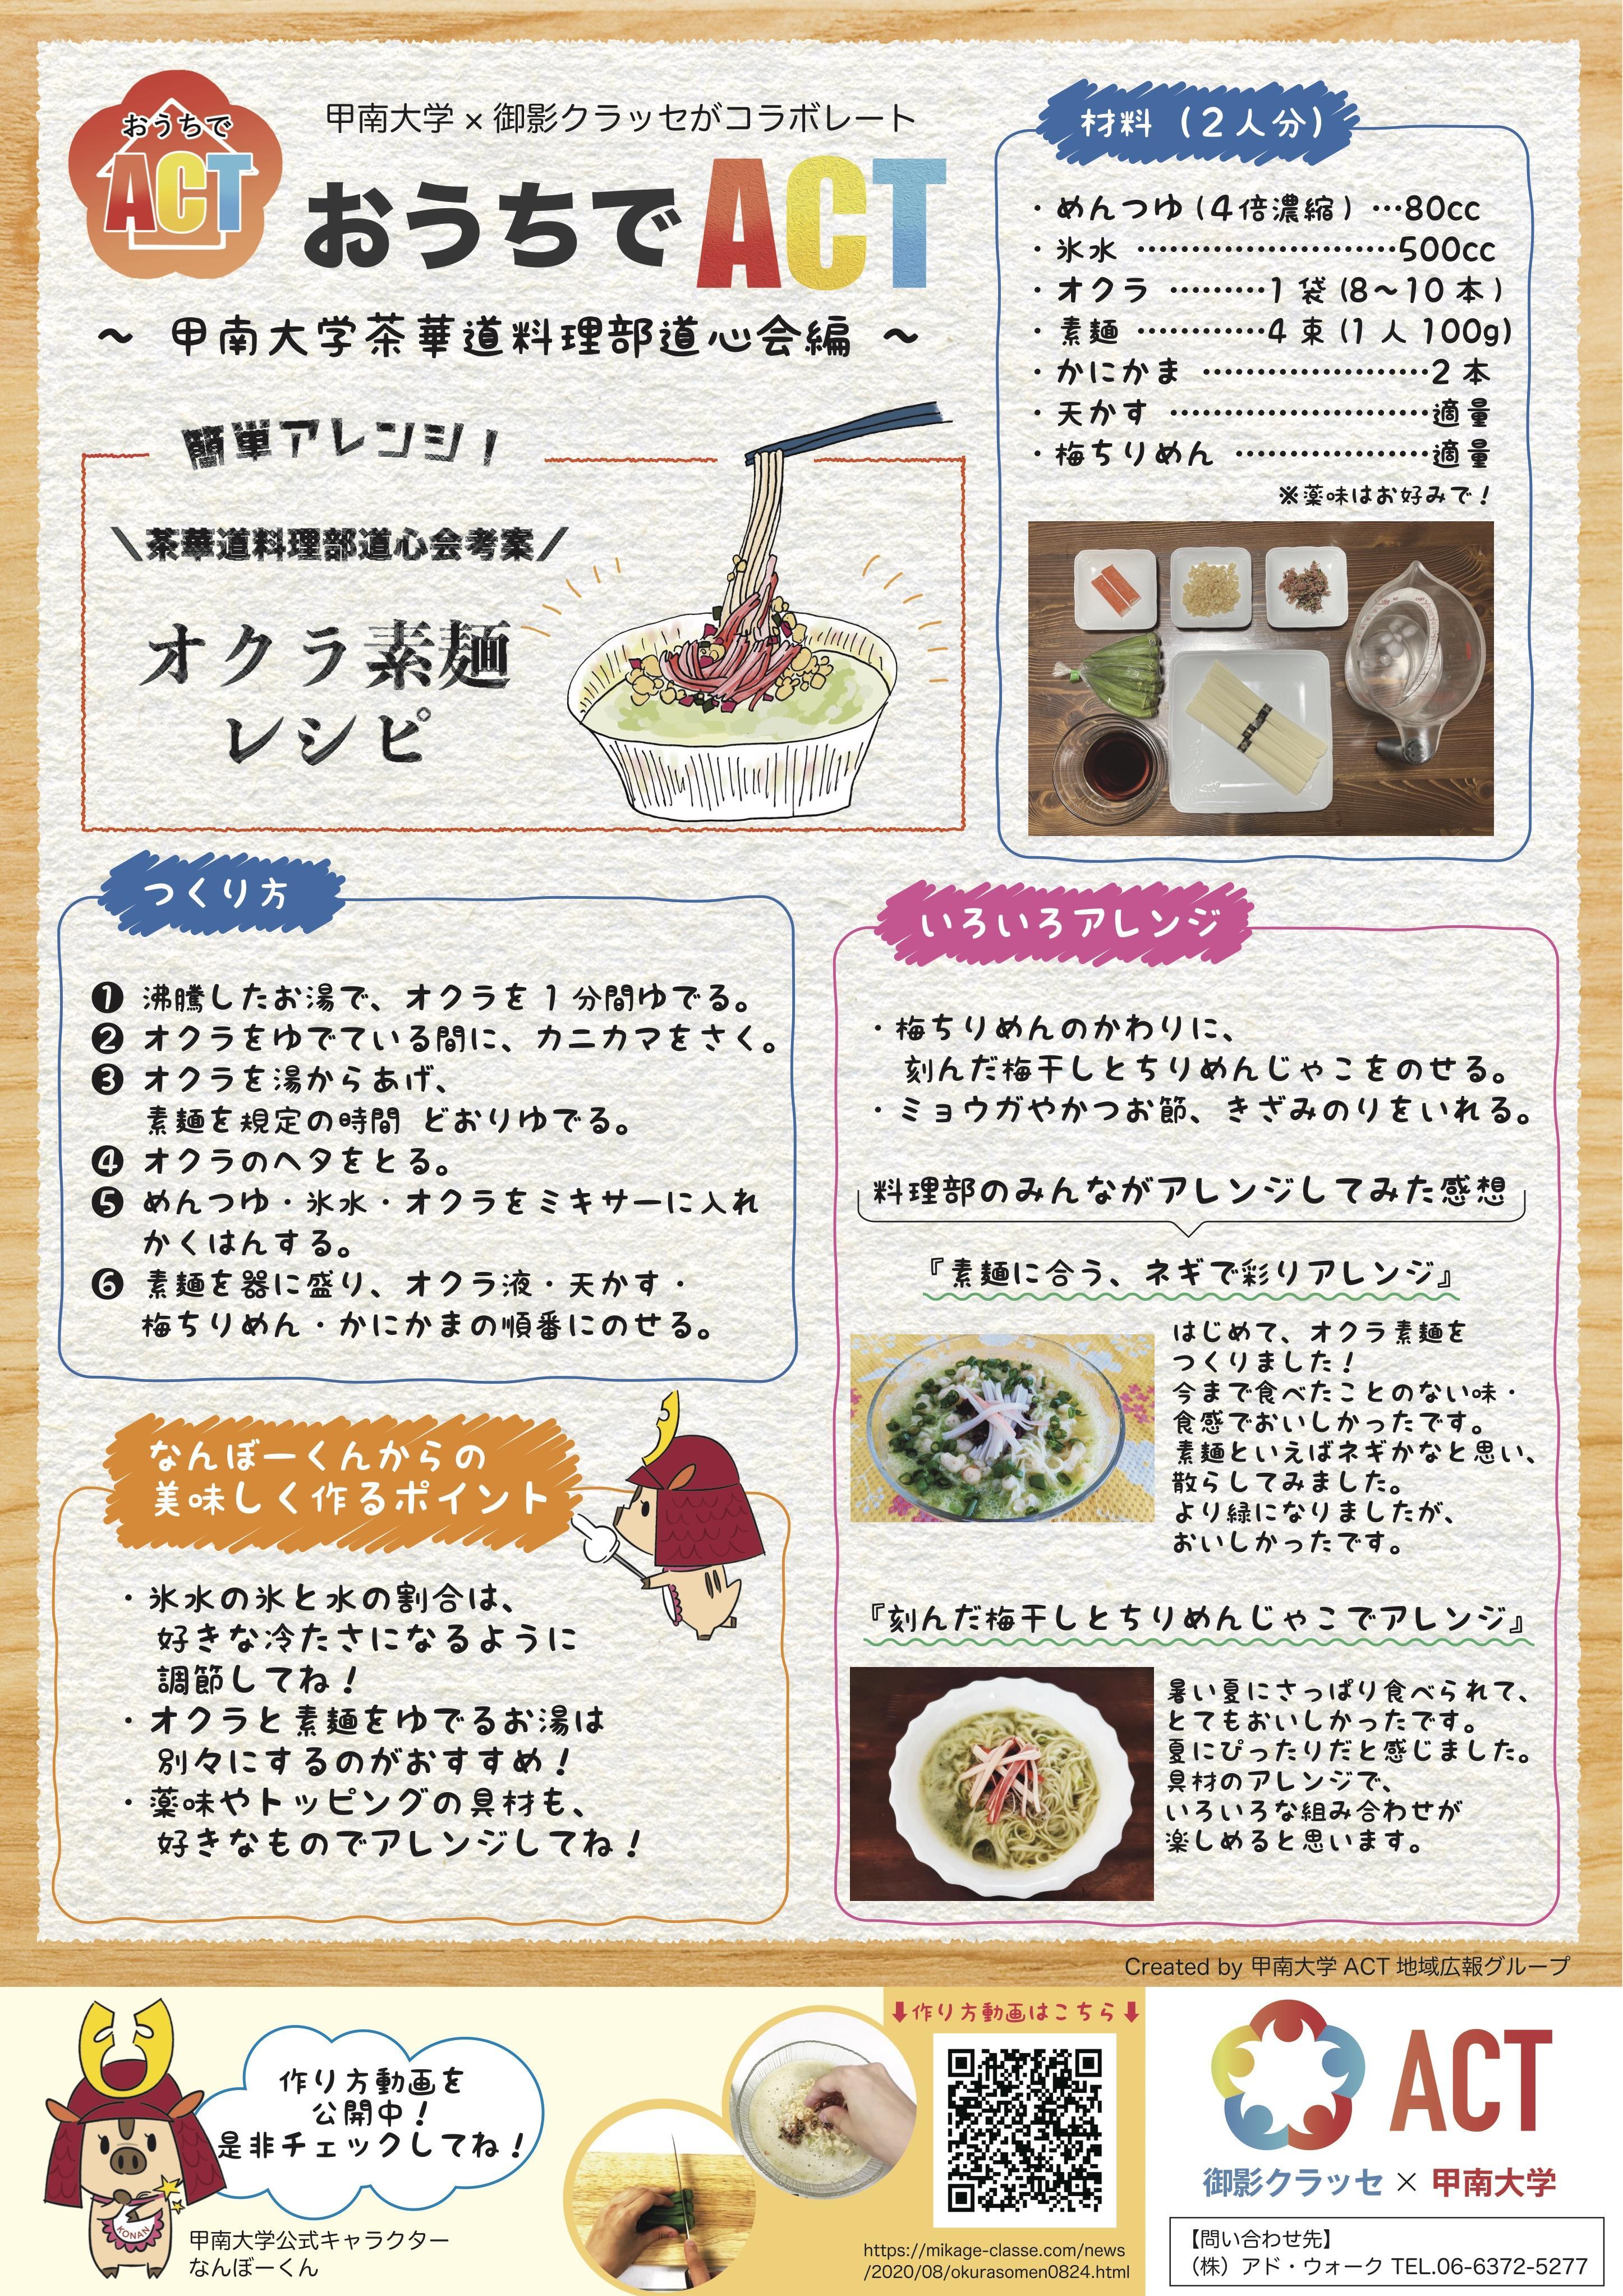 オクラ素麺レシピ.jpg